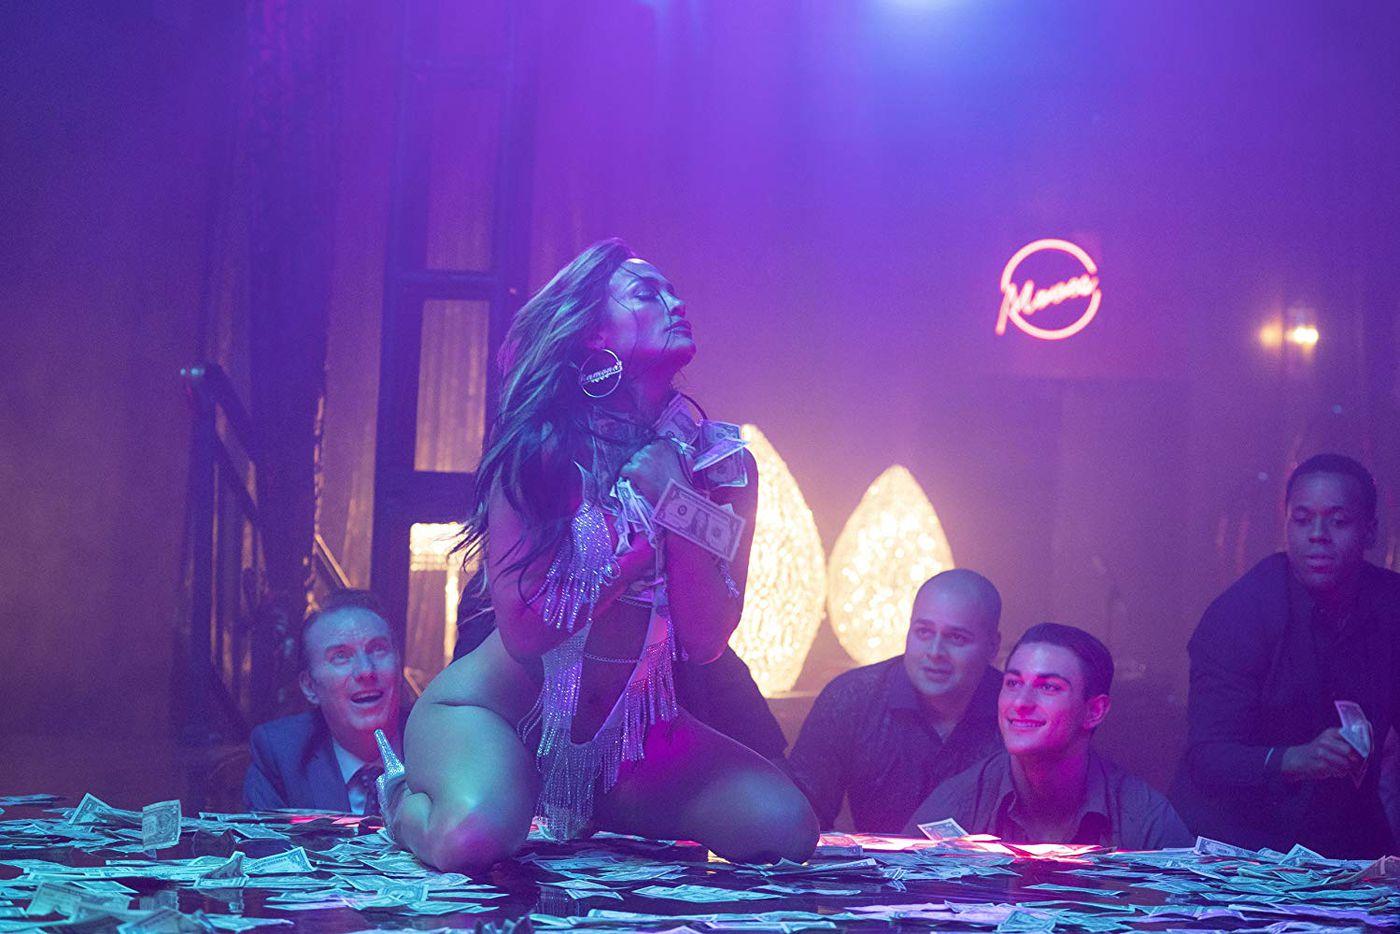 """Θα μεταφέρει η Jennifer Lopez την ταινία """"Hustlers"""" στο θεατρικό σανίδι;"""